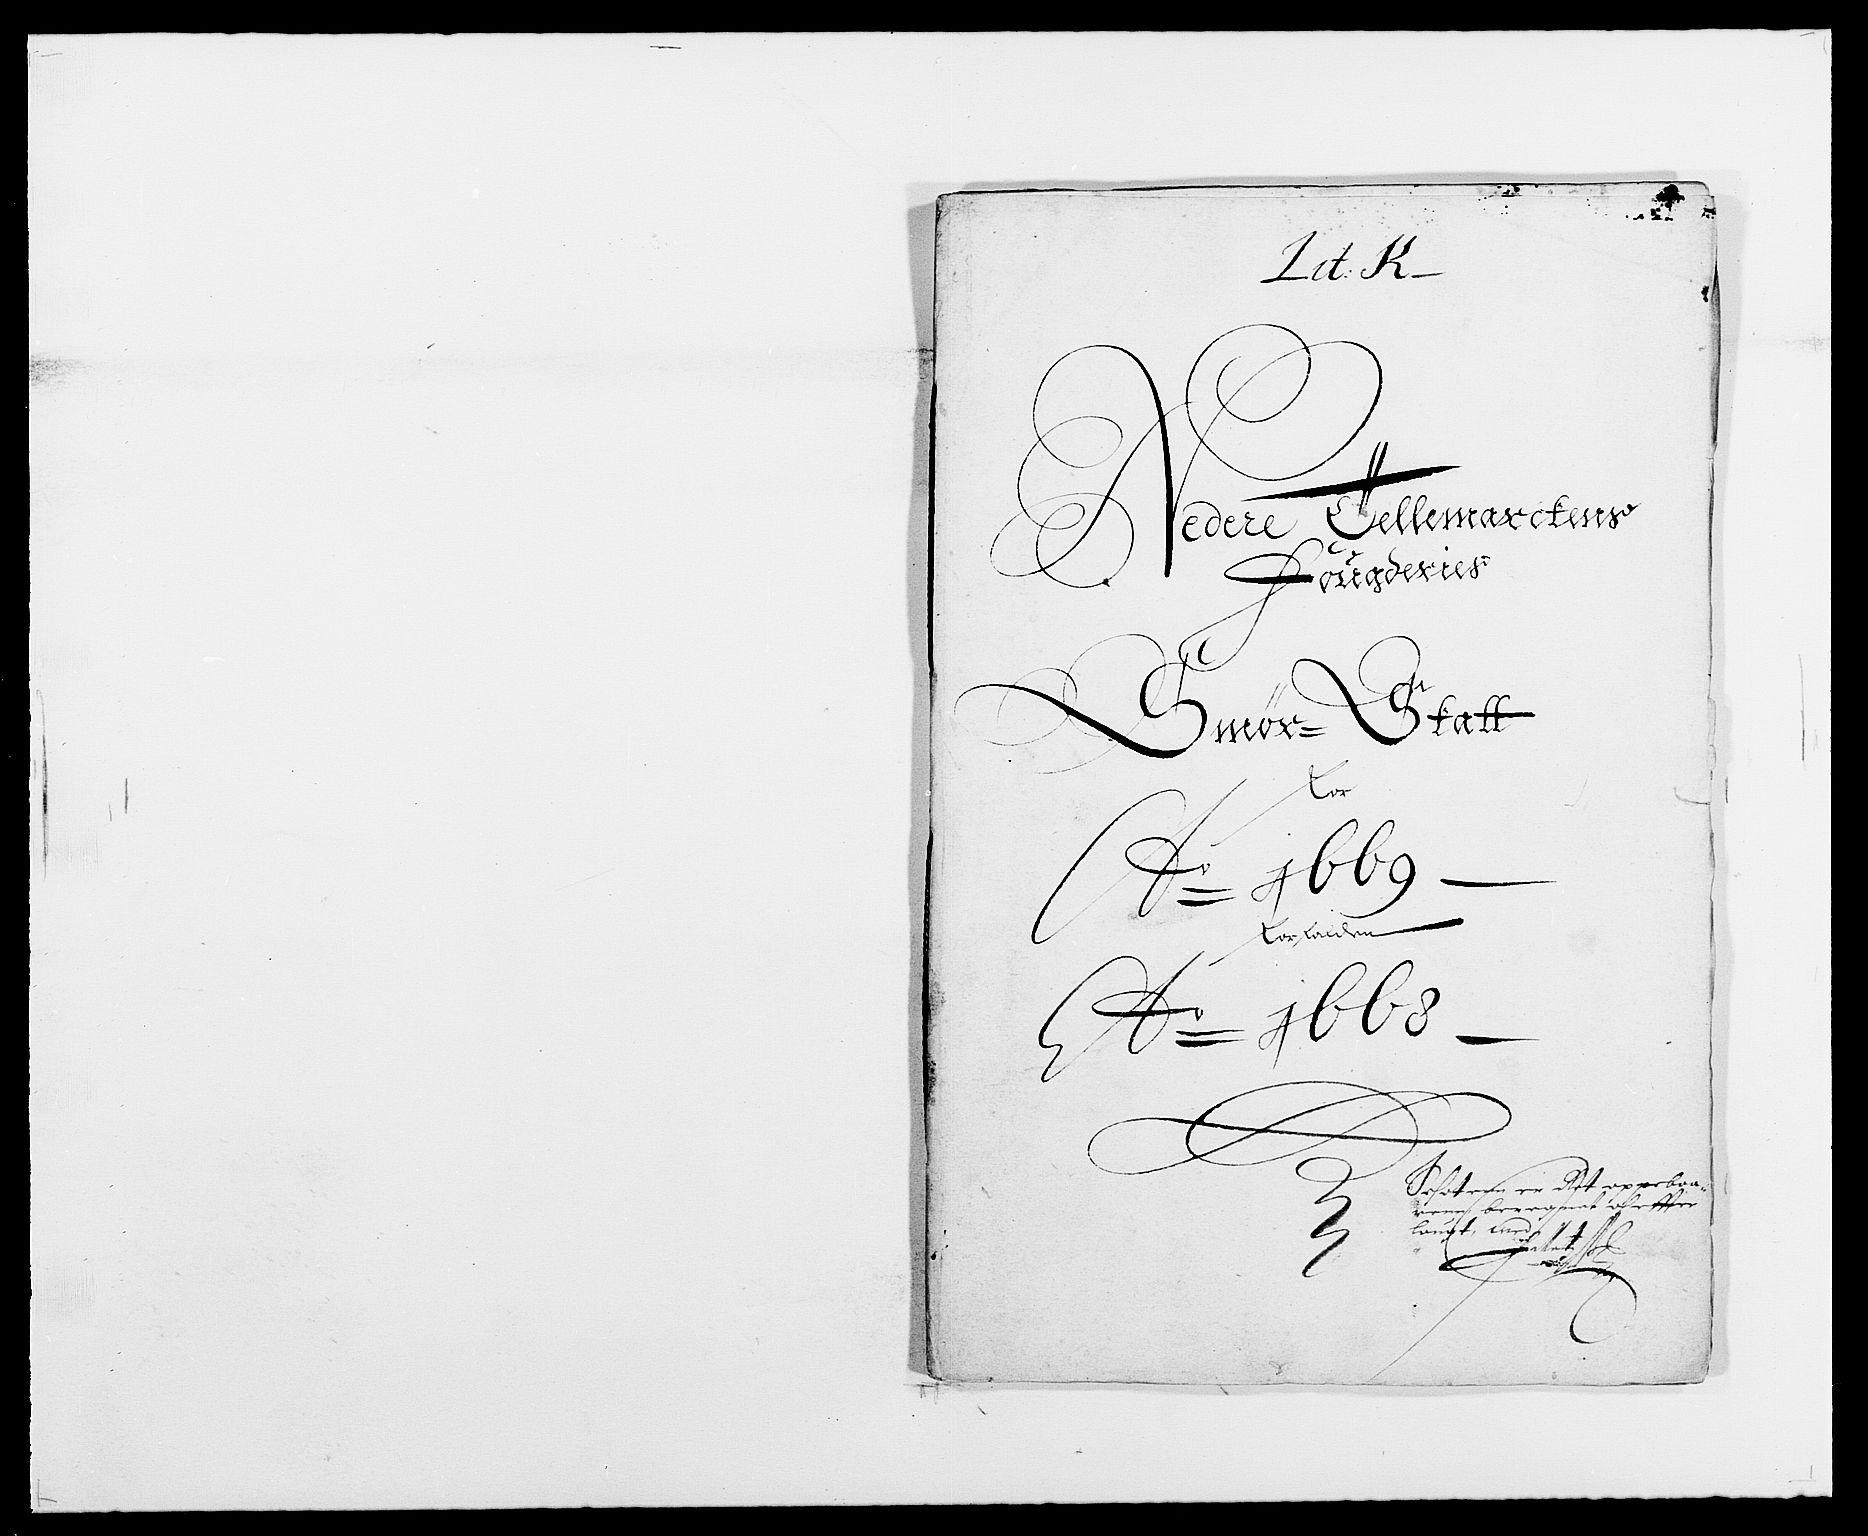 RA, Rentekammeret inntil 1814, Reviderte regnskaper, Fogderegnskap, R35/L2058: Fogderegnskap Øvre og Nedre Telemark, 1668-1670, s. 196